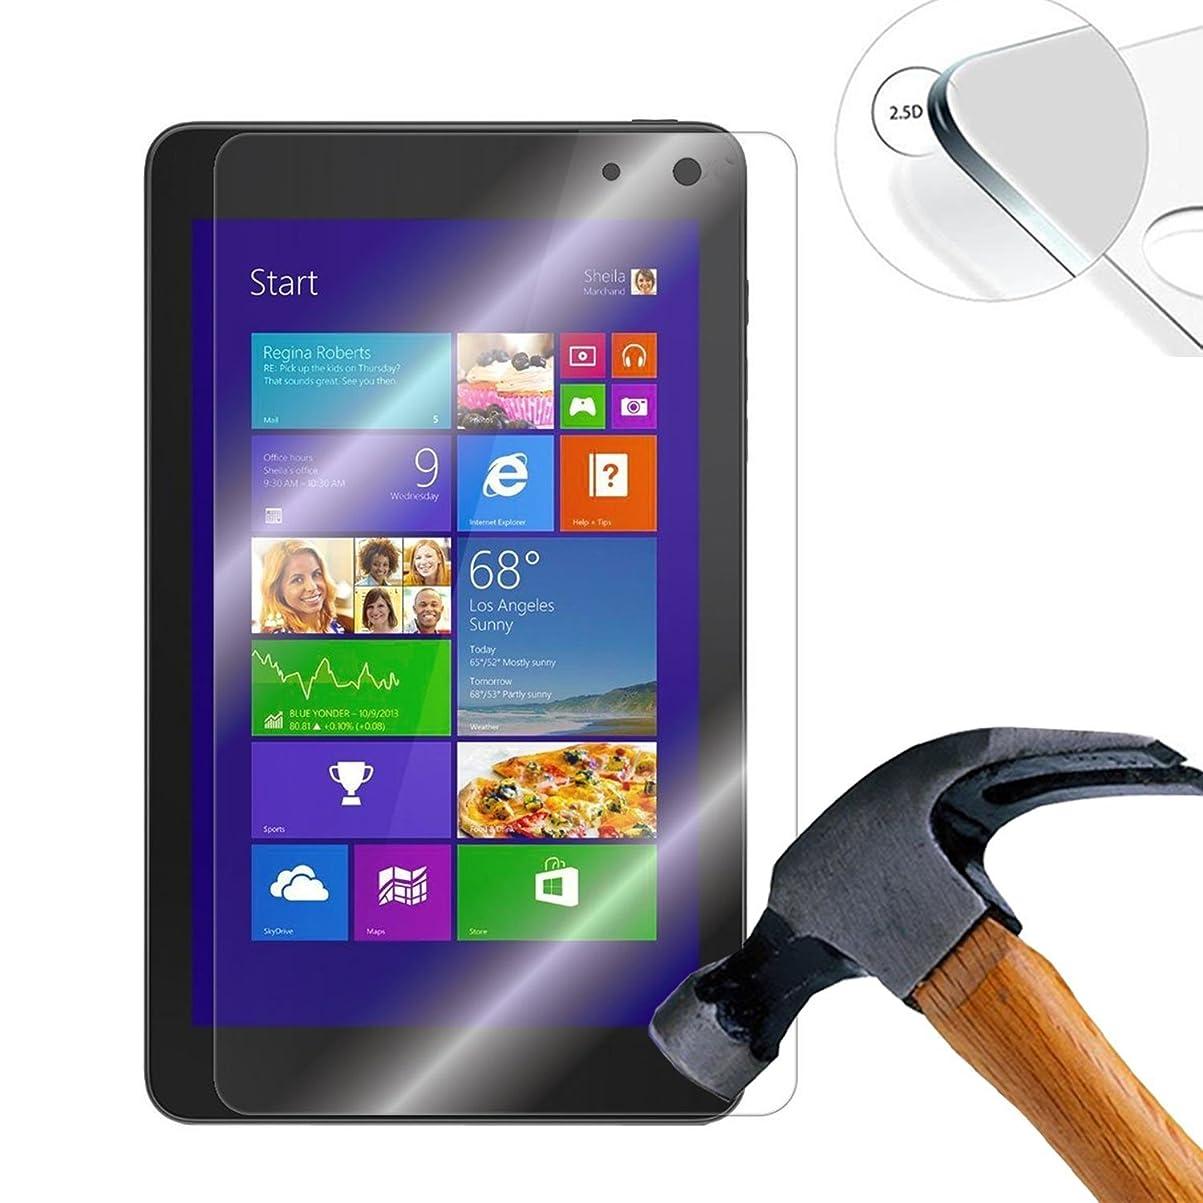 証明書家族農業【Lusee】 強化ガラススクリーンプロテクター Dell Venue 8 Pro 用 プレミアムスクリーンプロテクター 0.3mm クリアー2.5D